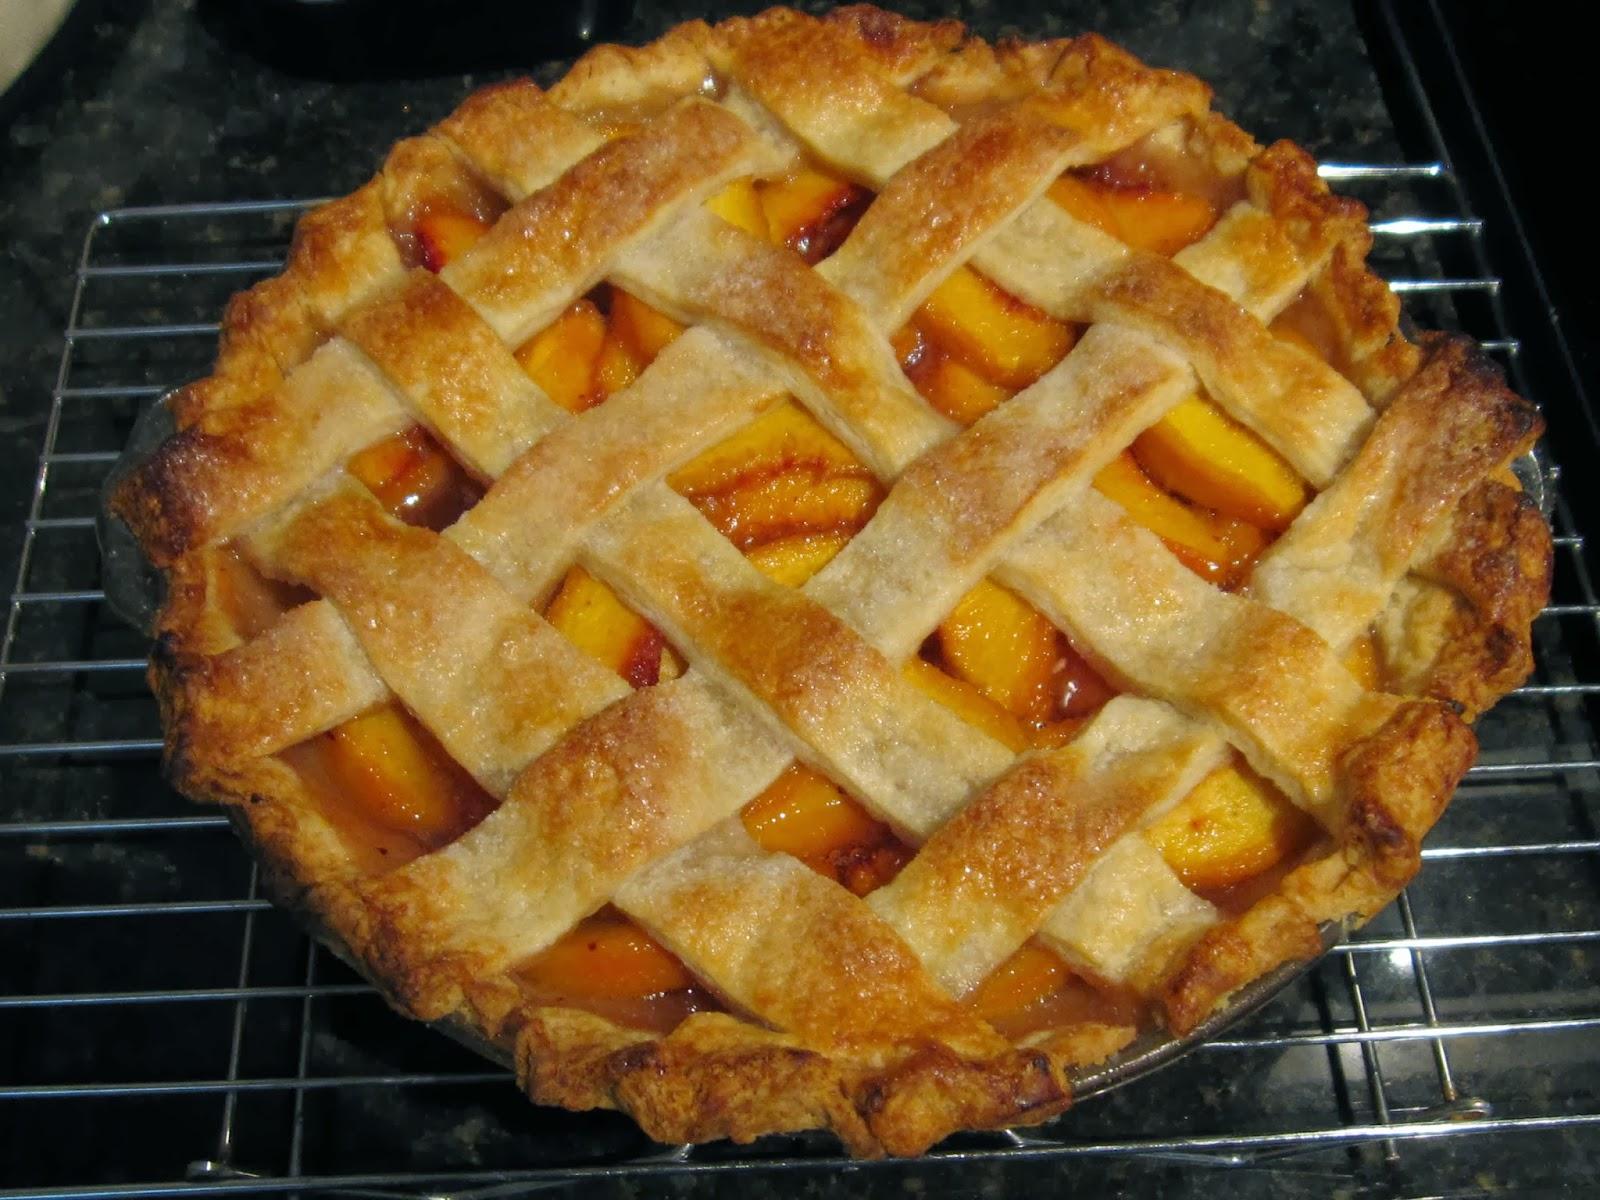 hannah in the kitchen lattice top peach pie - Americas Test Kitchen Apple Pie